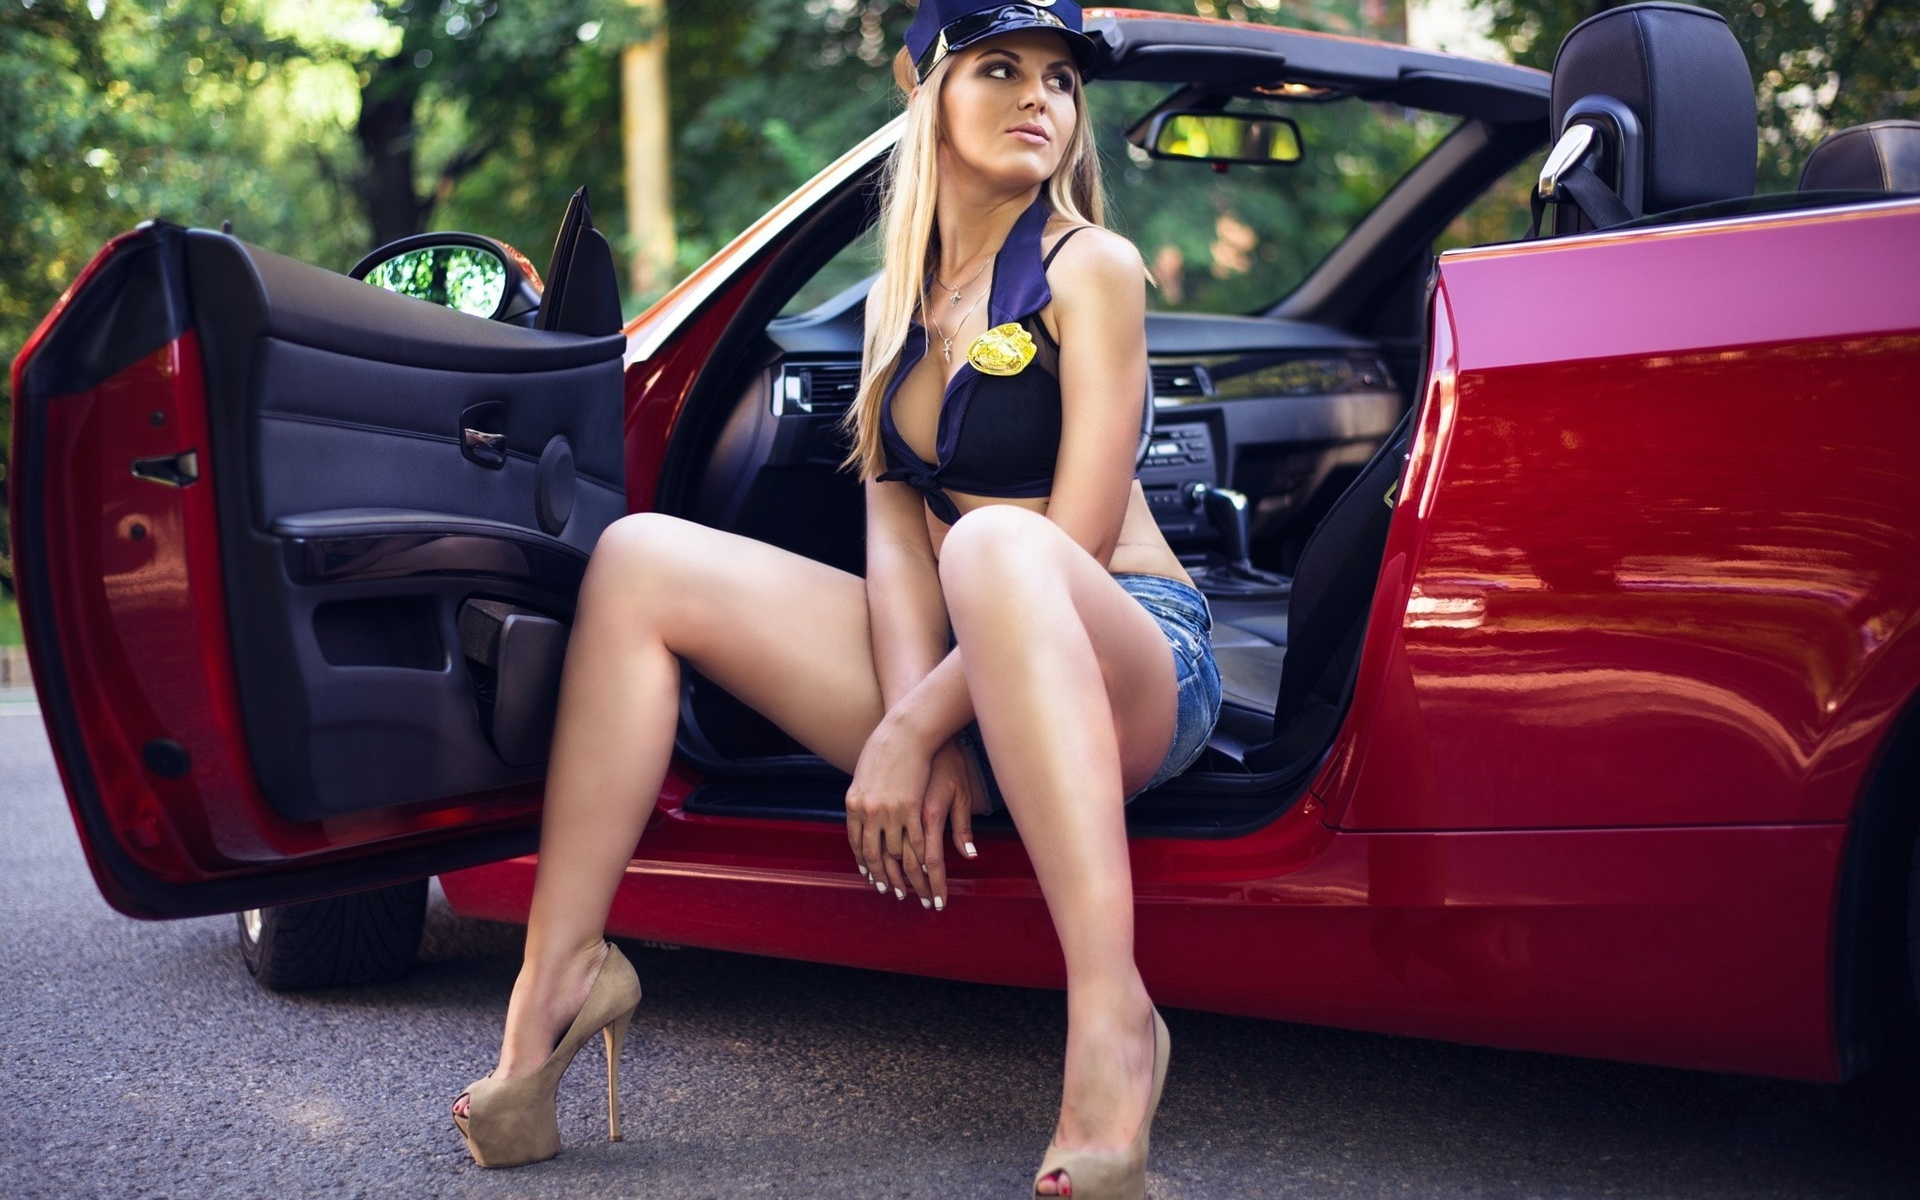 Фото авто девки, Сексуальные девушки и автомобили 28 фотография